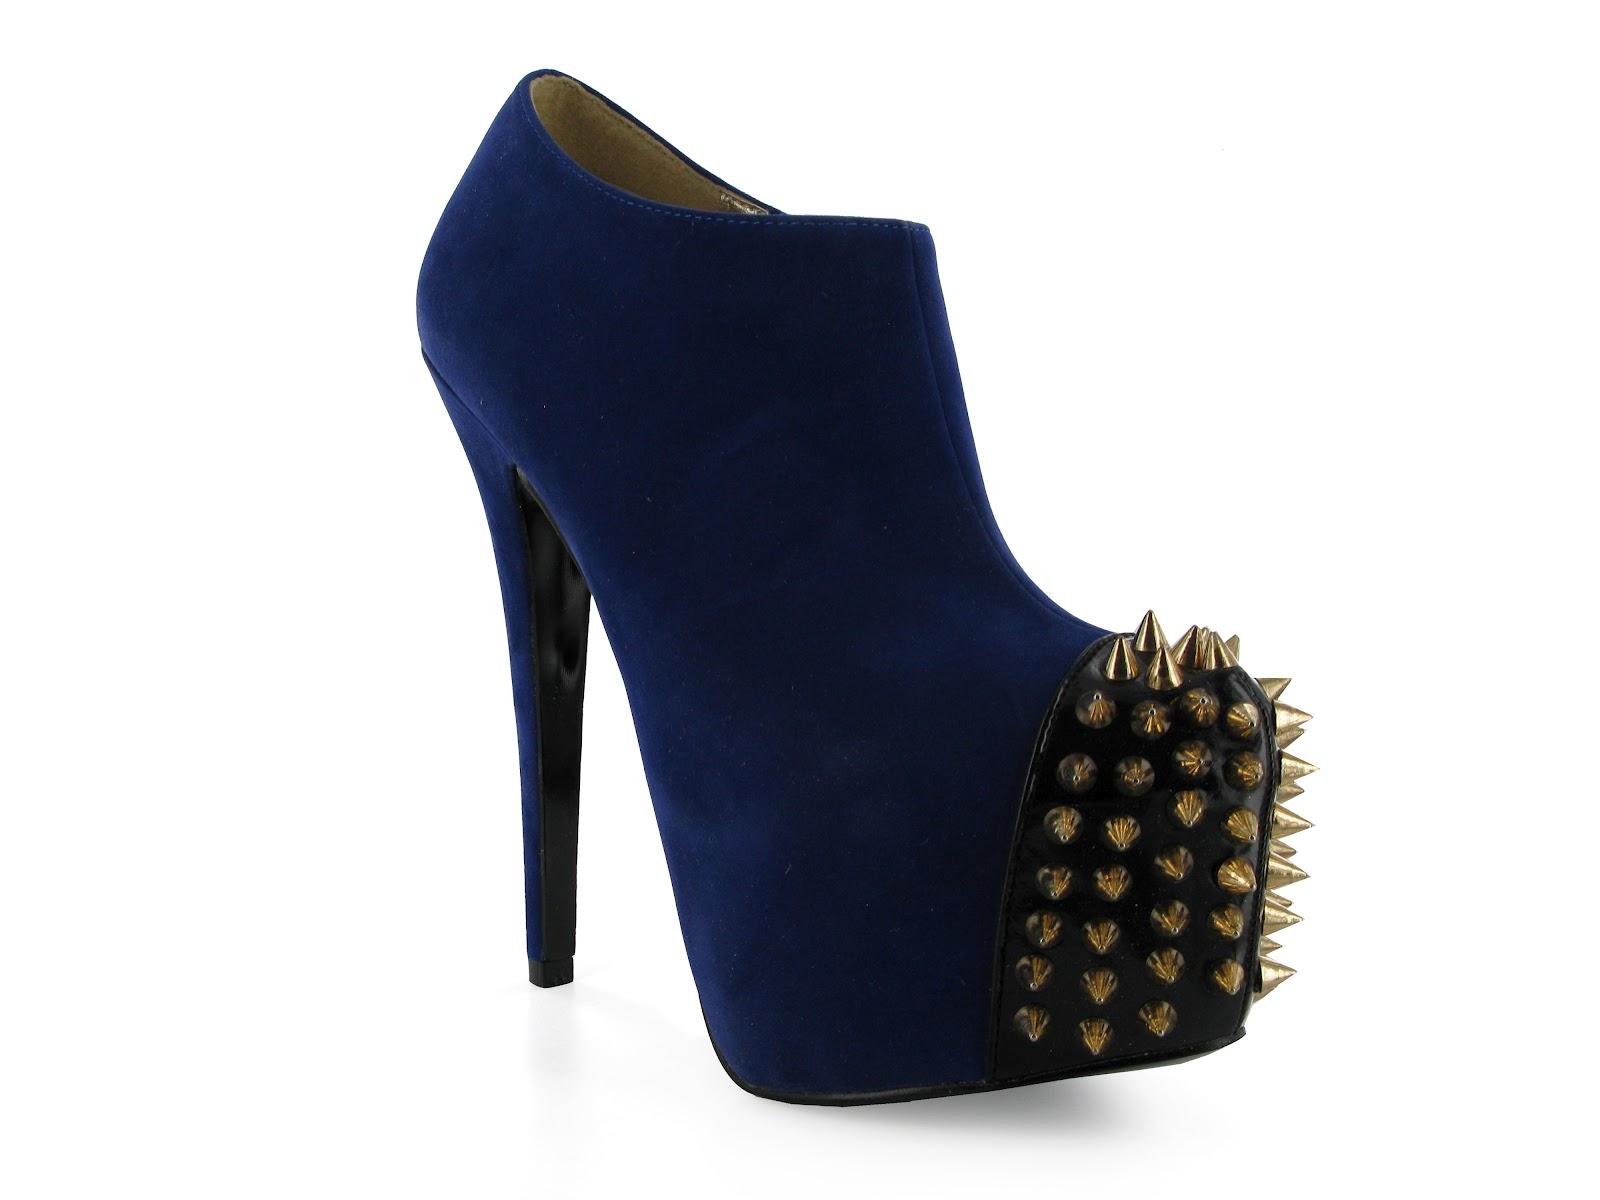 Royal Blue Suede Shoe Dye